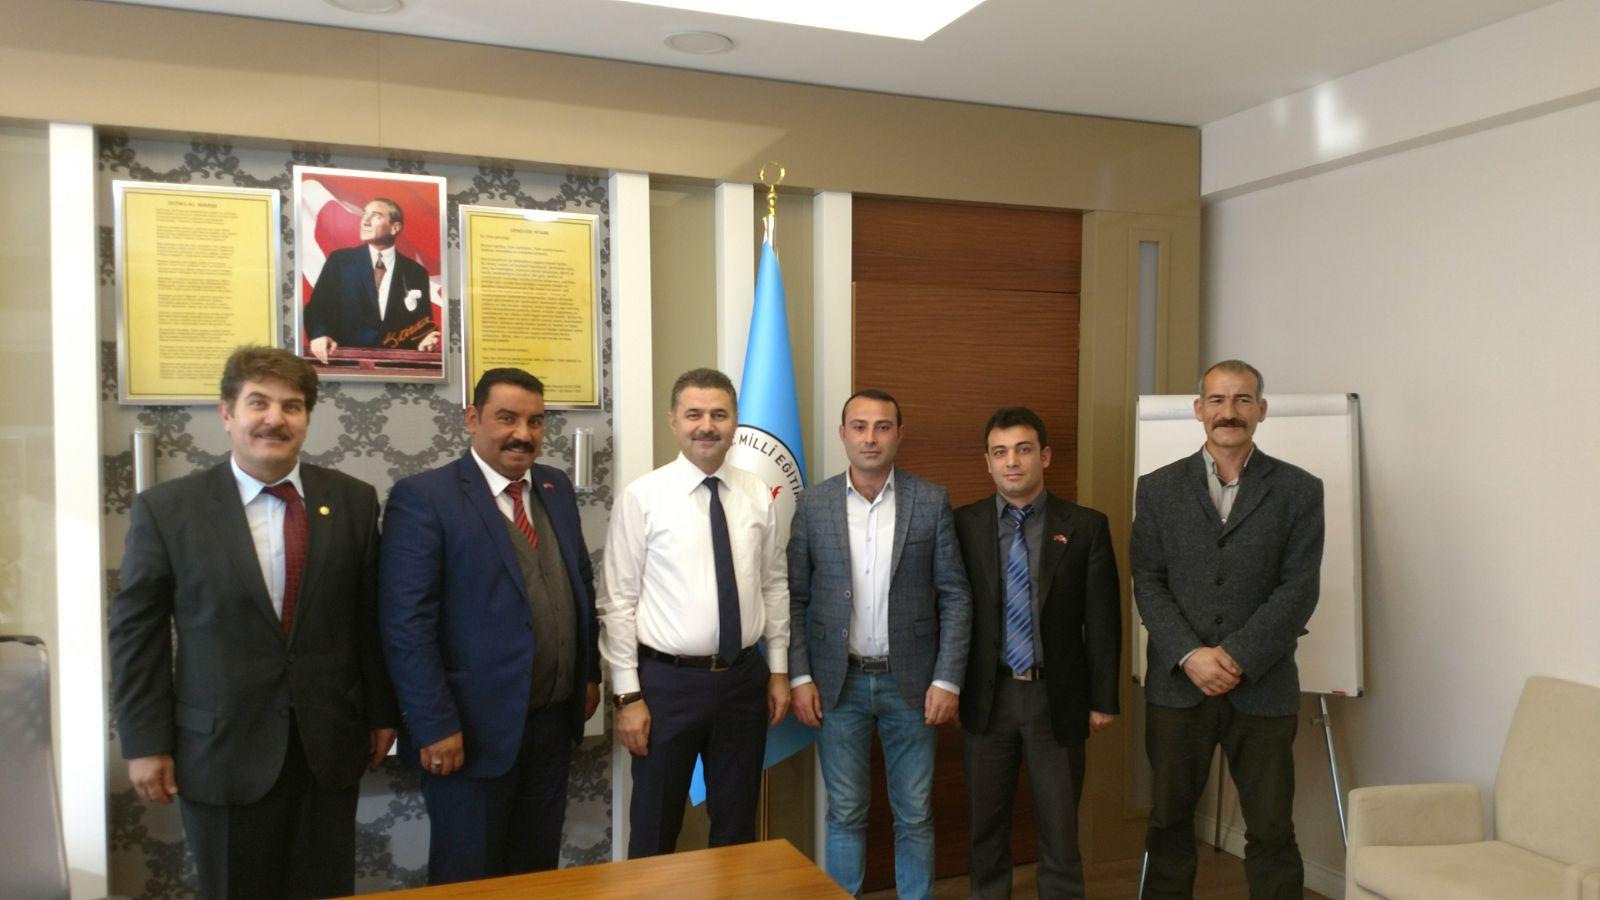 Antalya İl Milli Eğitim Müdürü ARSLAN'ı ziyaret ettik